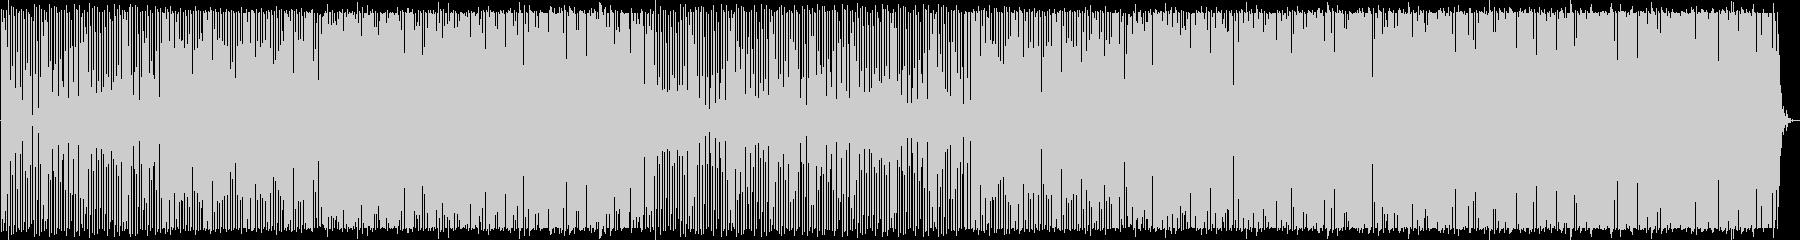 疾走感/ハウス_No448の未再生の波形